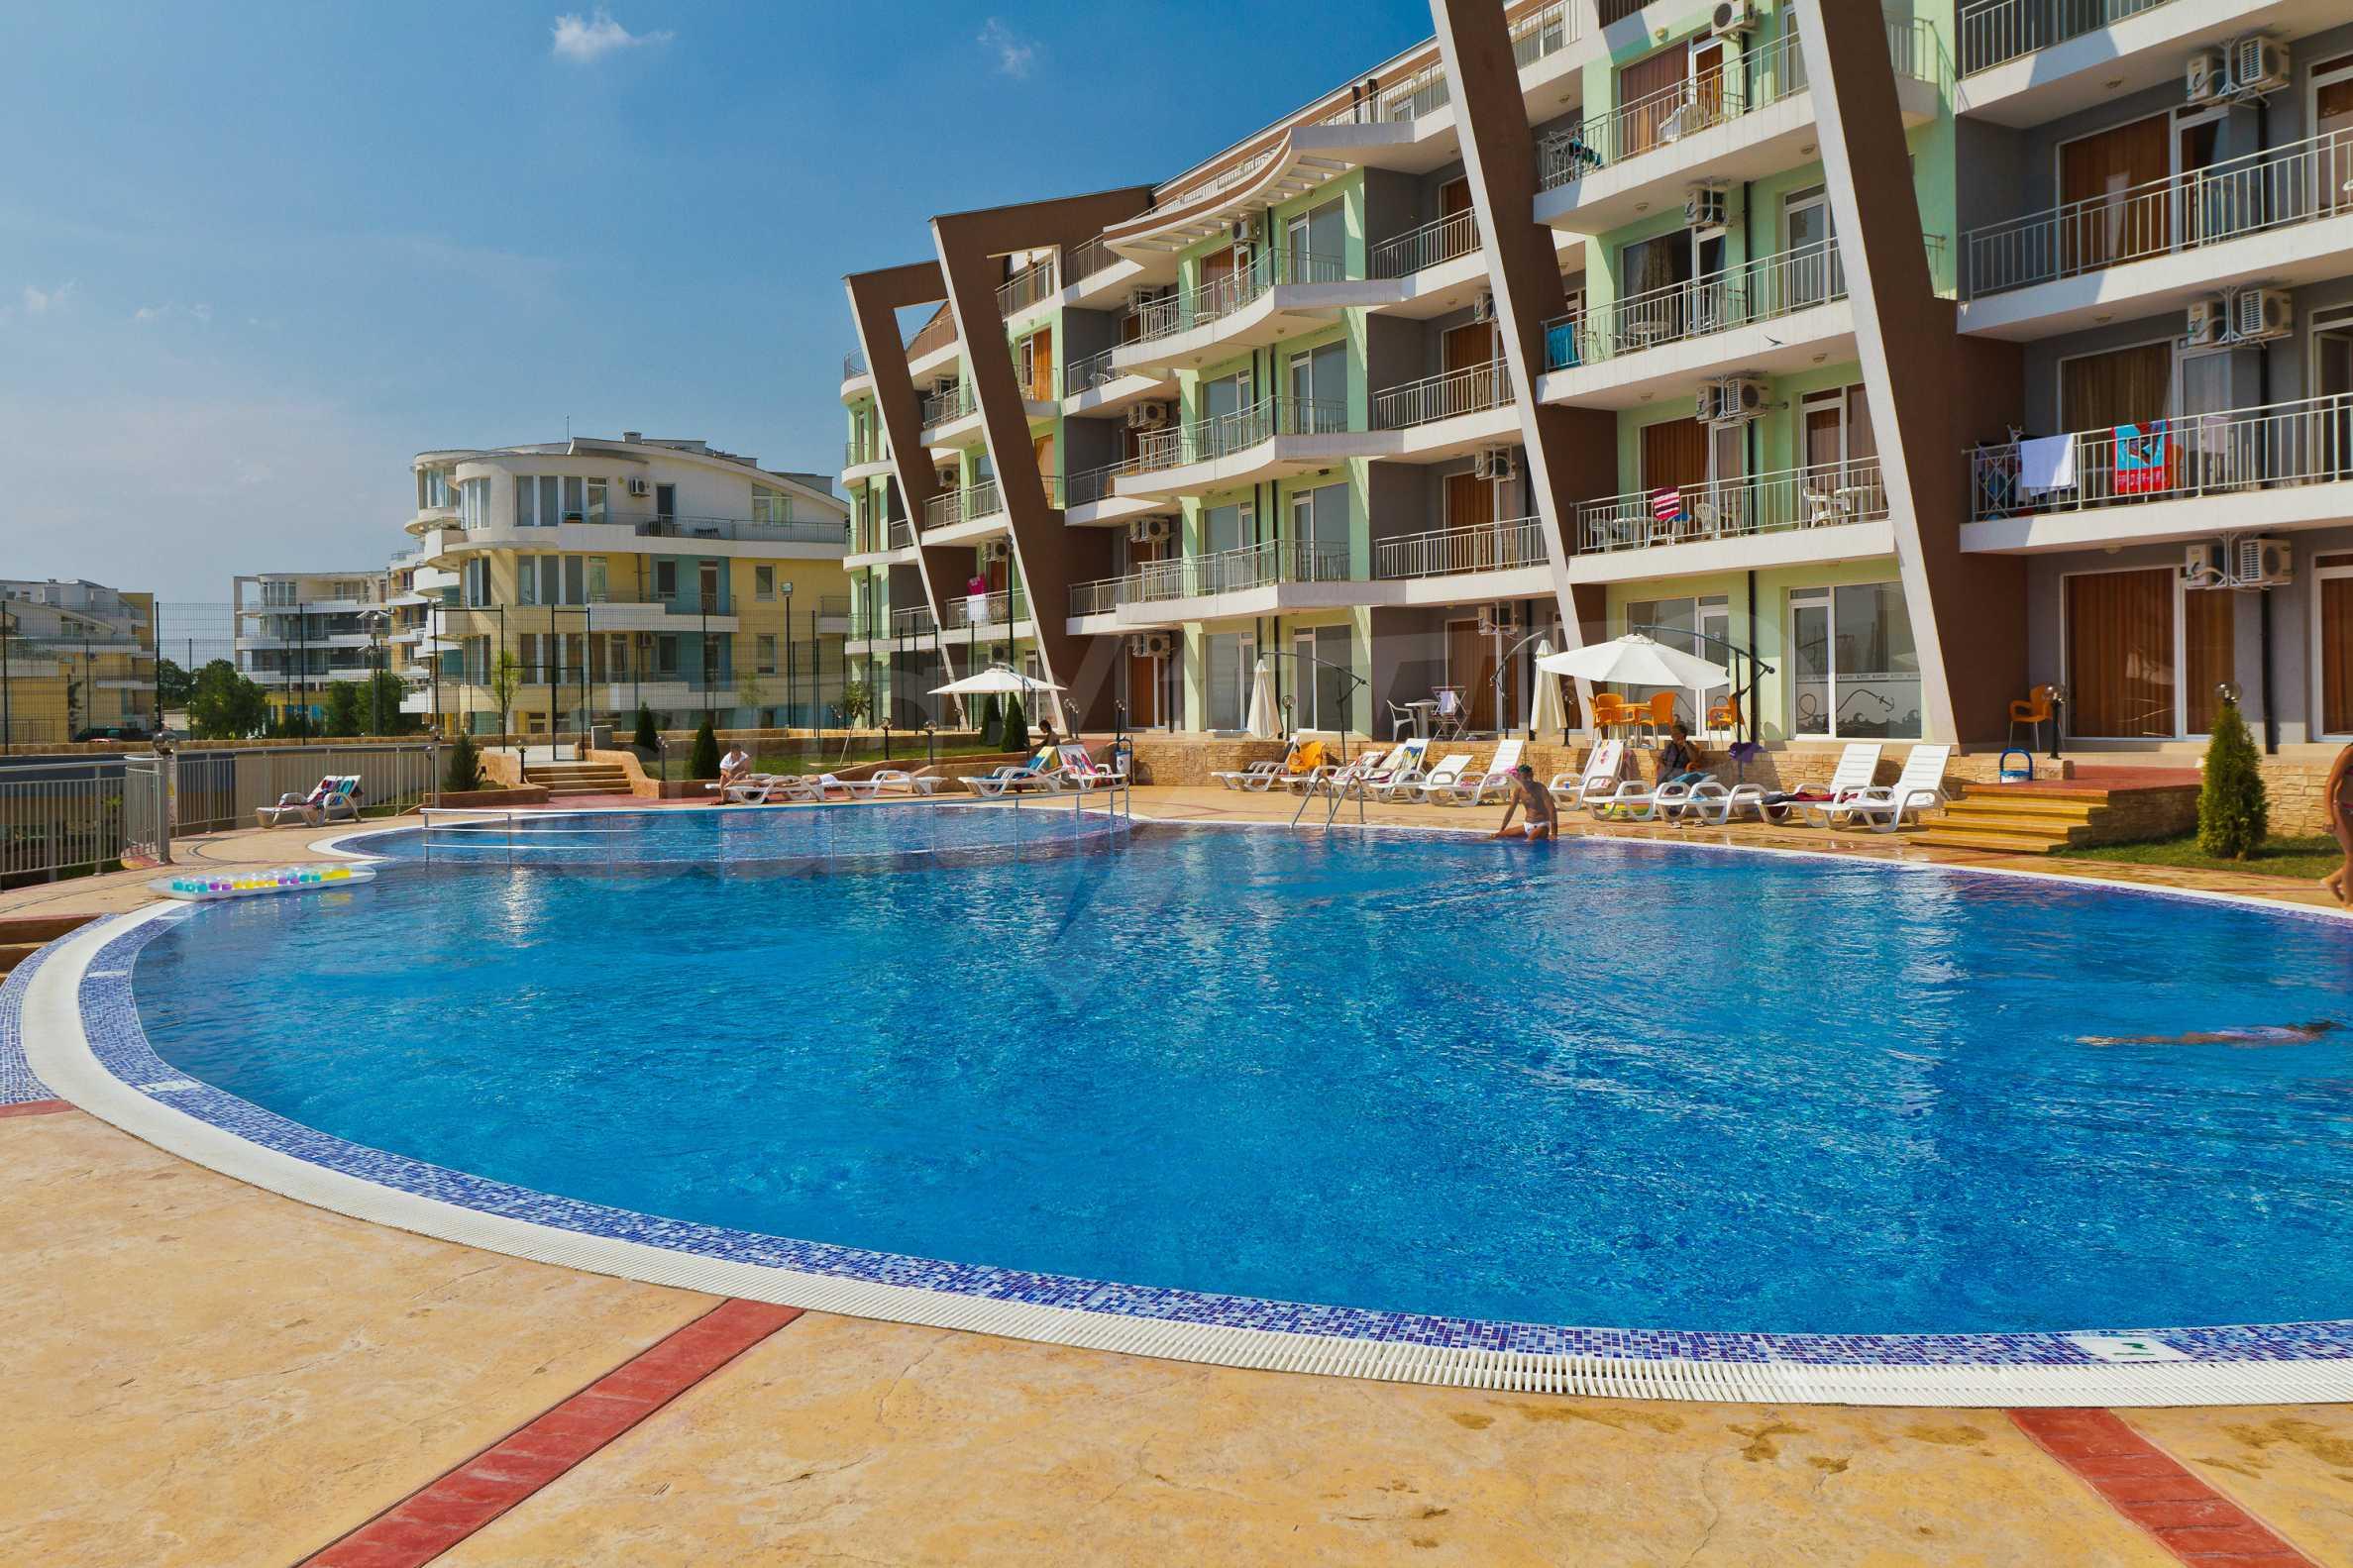 Sunset Kosharitsa - aпартаменти в атрактивен комплекс сред планината и морето, на 5 минути с кола от Слънчев бряг 9